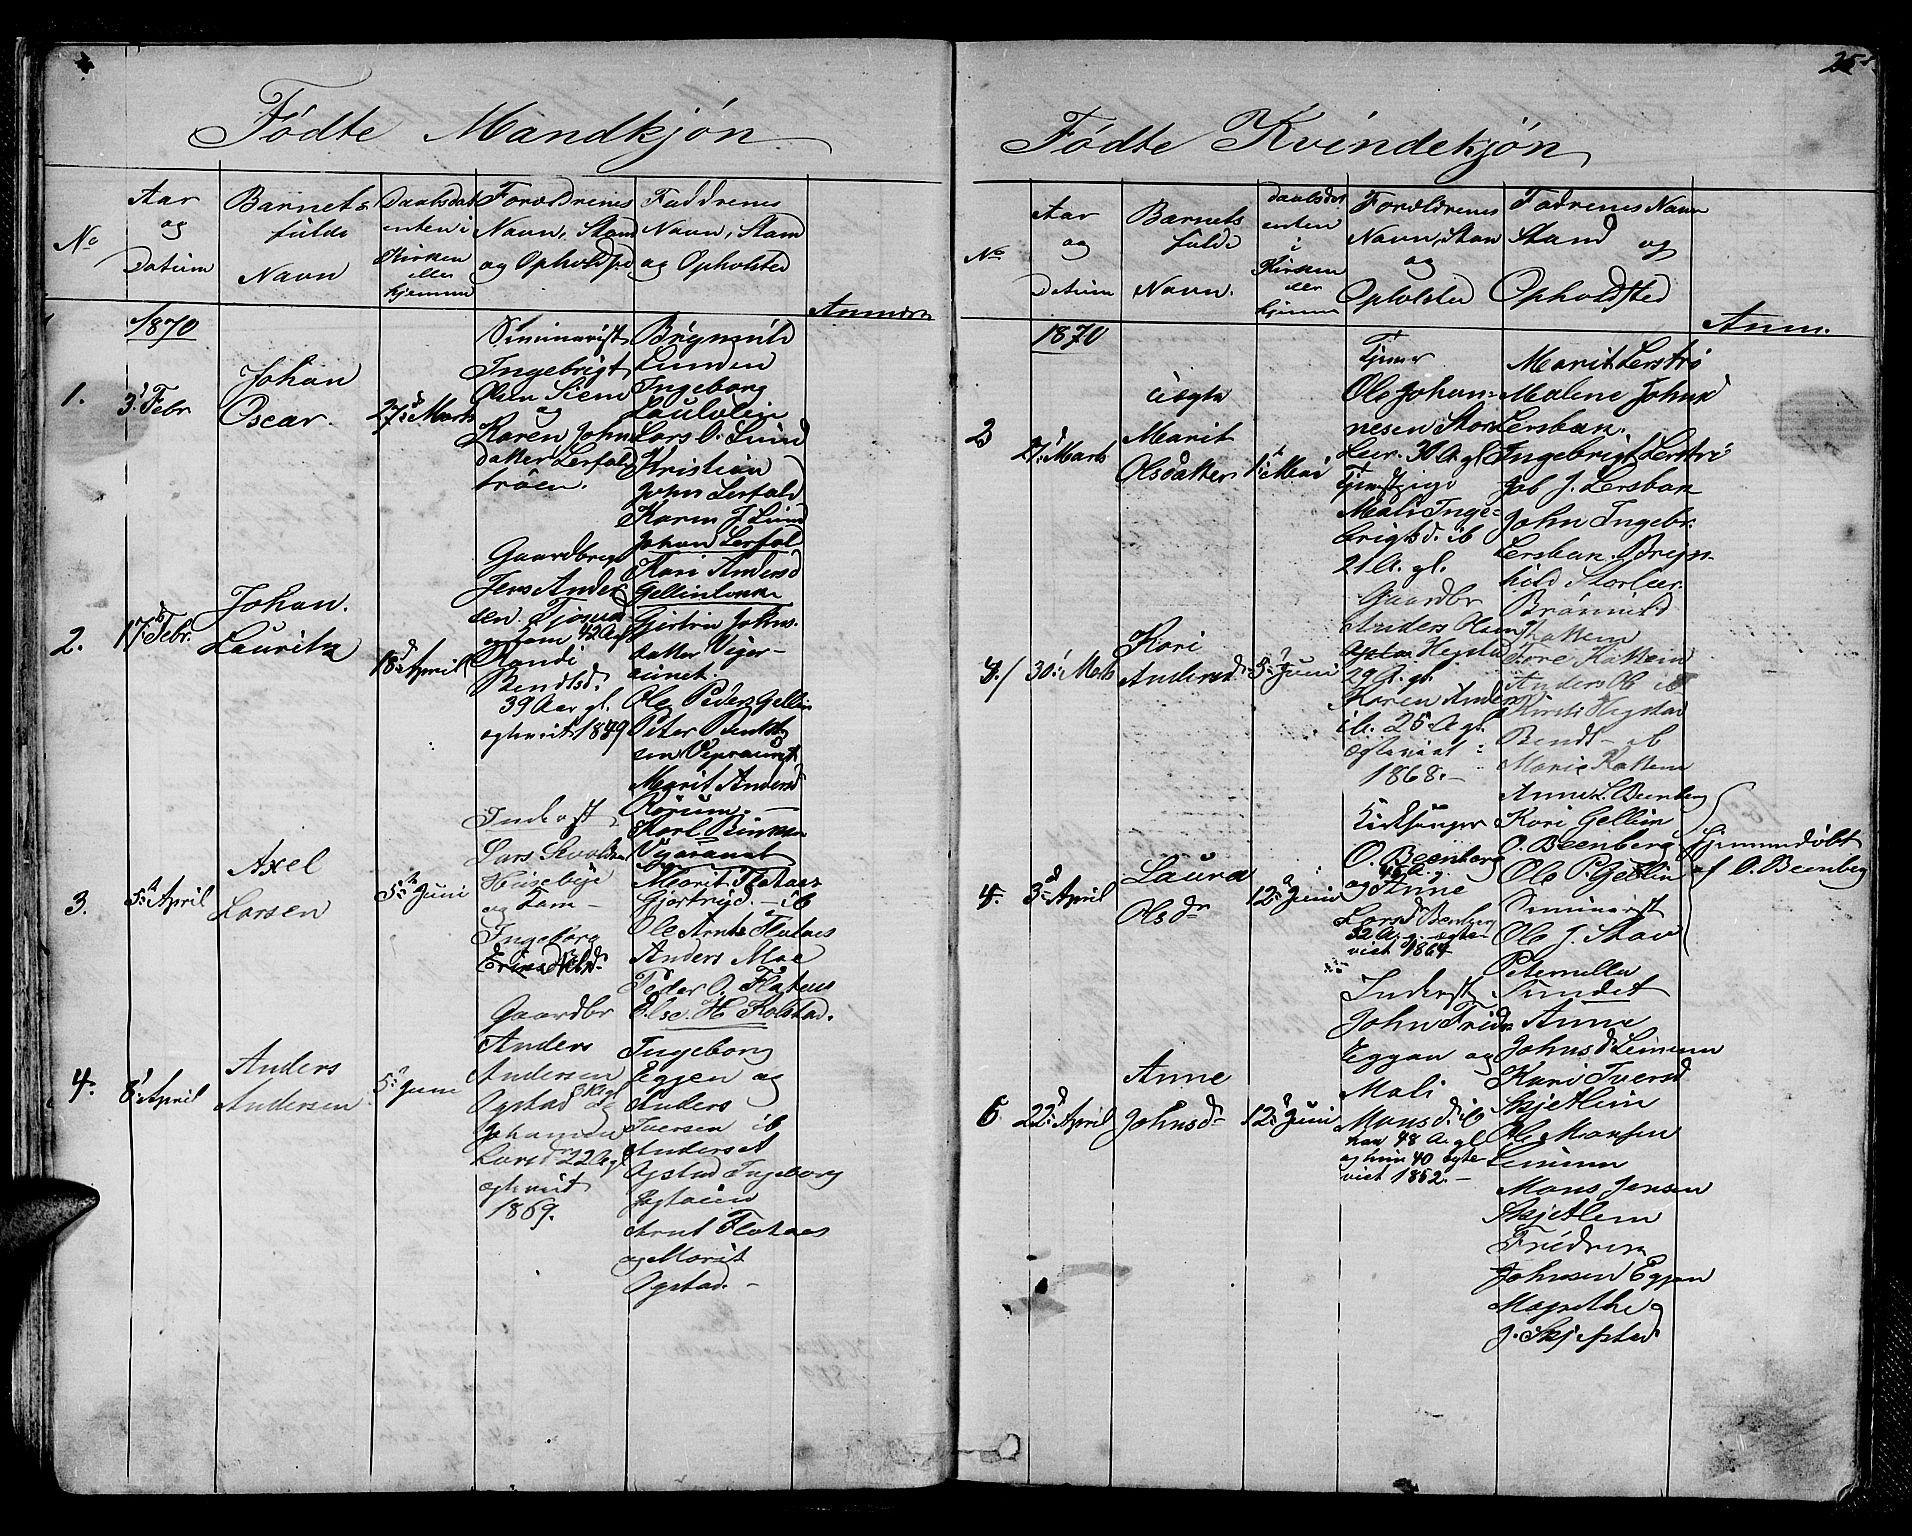 SAT, Ministerialprotokoller, klokkerbøker og fødselsregistre - Sør-Trøndelag, 613/L0394: Klokkerbok nr. 613C02, 1862-1886, s. 25